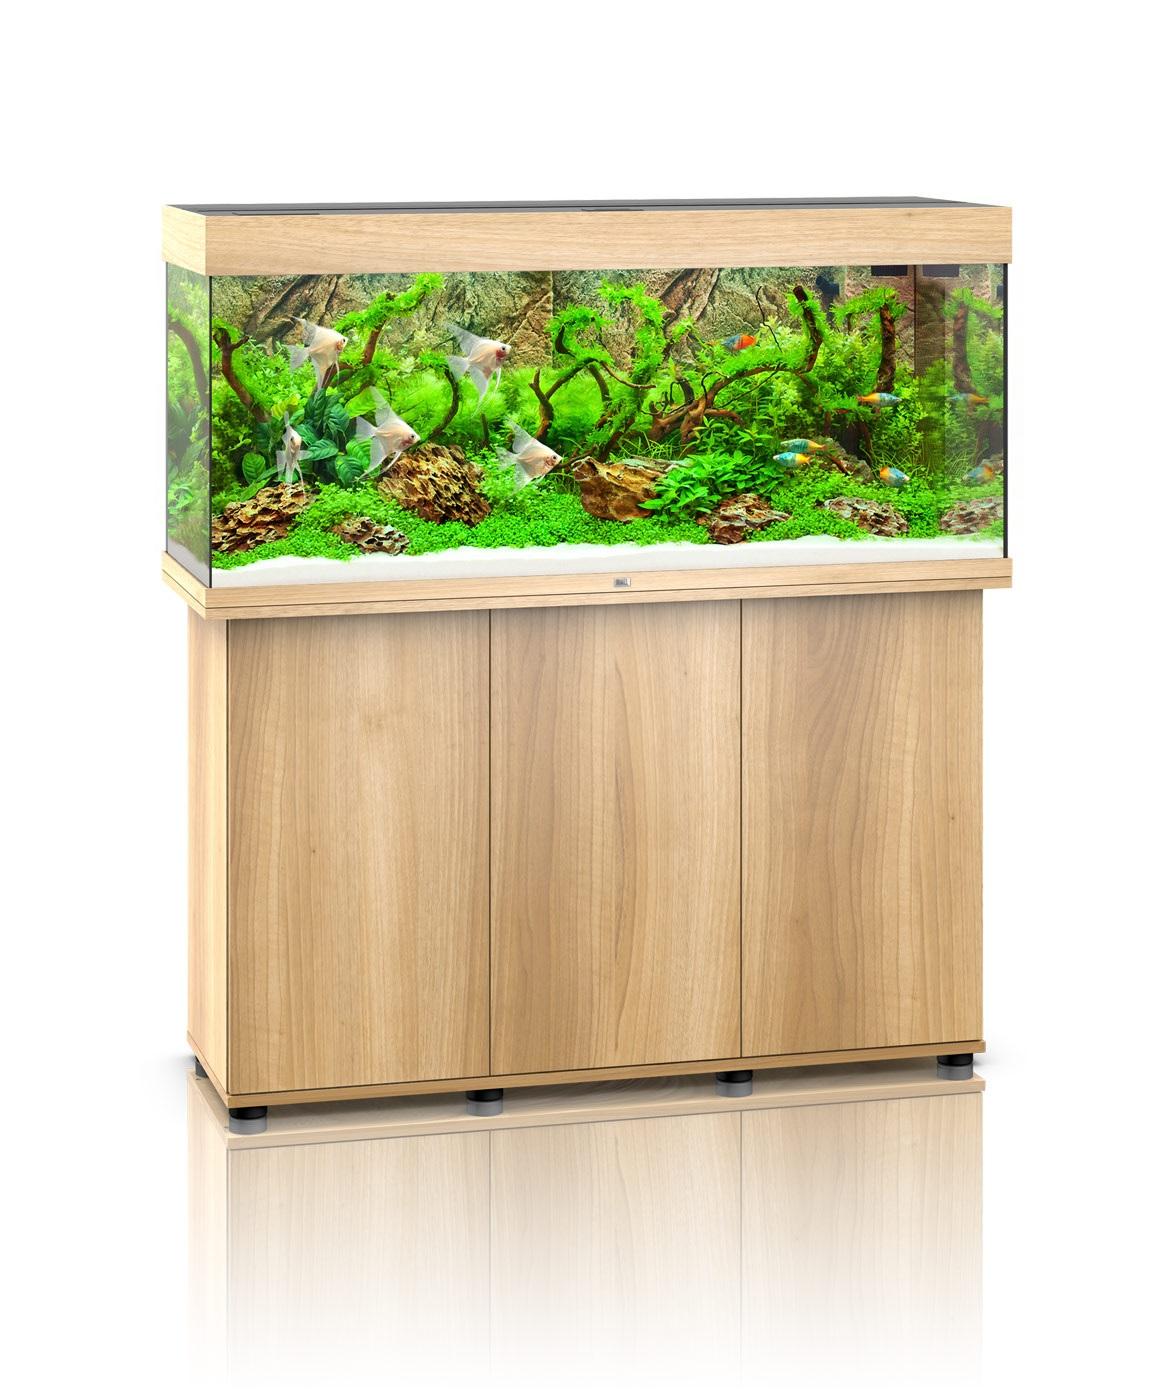 Seaview aquarium centre juwel rio 240 240l new look for Meuble aquarium